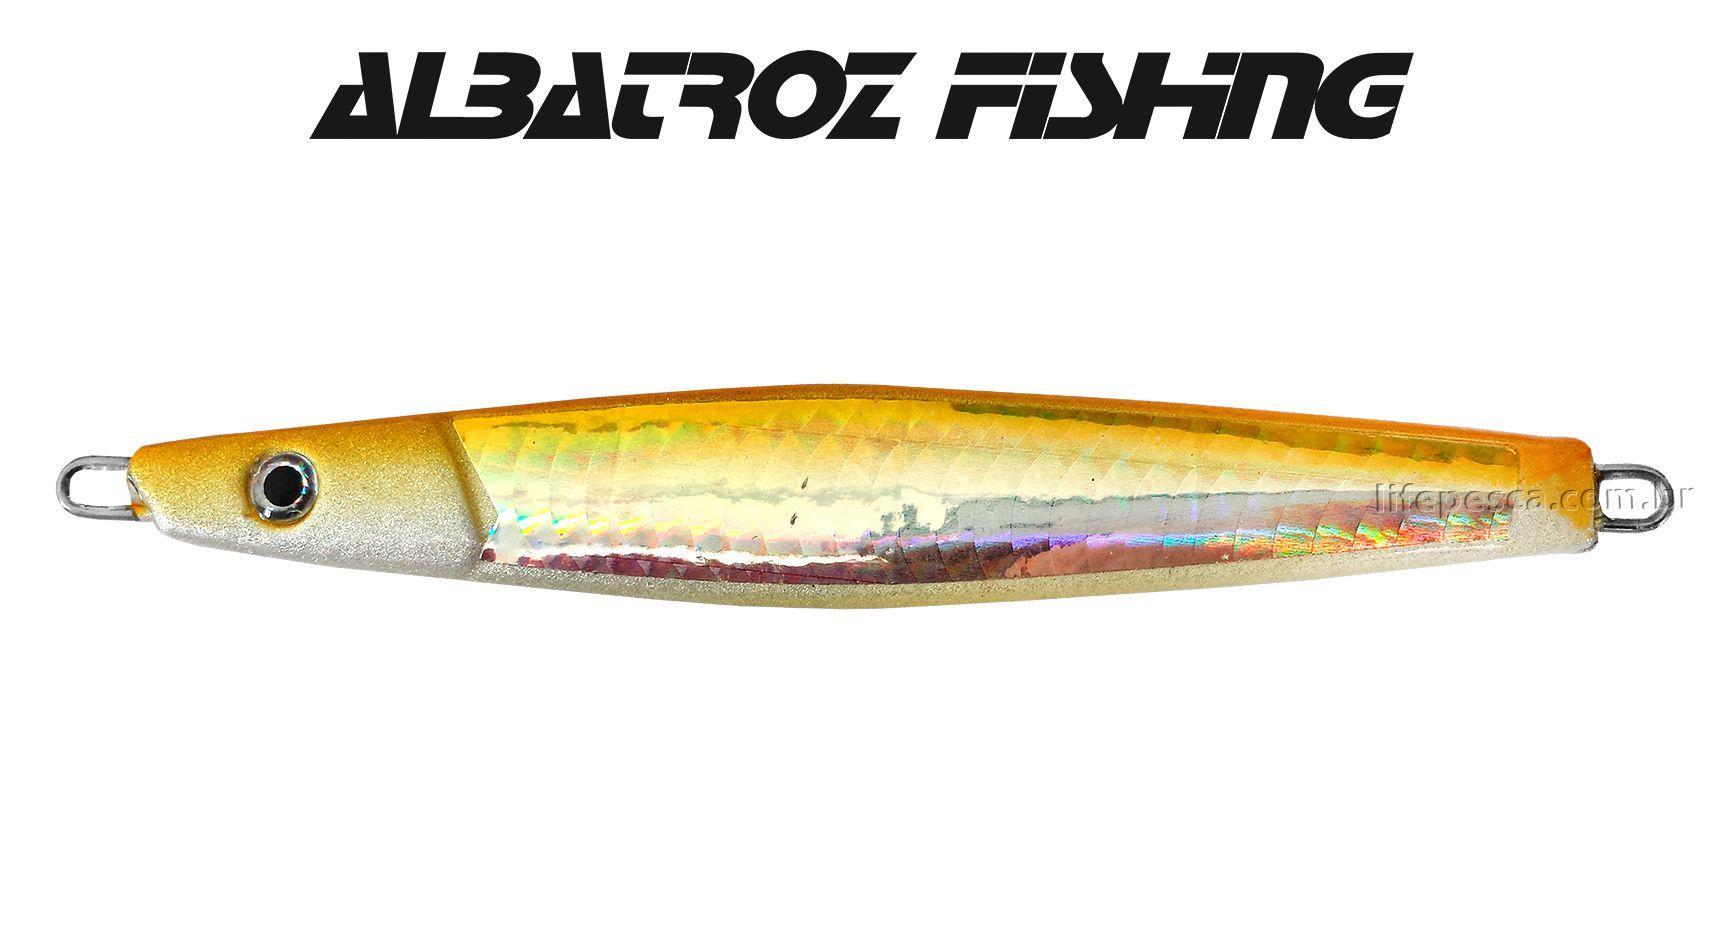 Isca Artificial Albatroz Fishing  Jumping Jig Dragon (14g) - Várias Cores  - Life Pesca - Sua loja de Pesca, Camping e Lazer